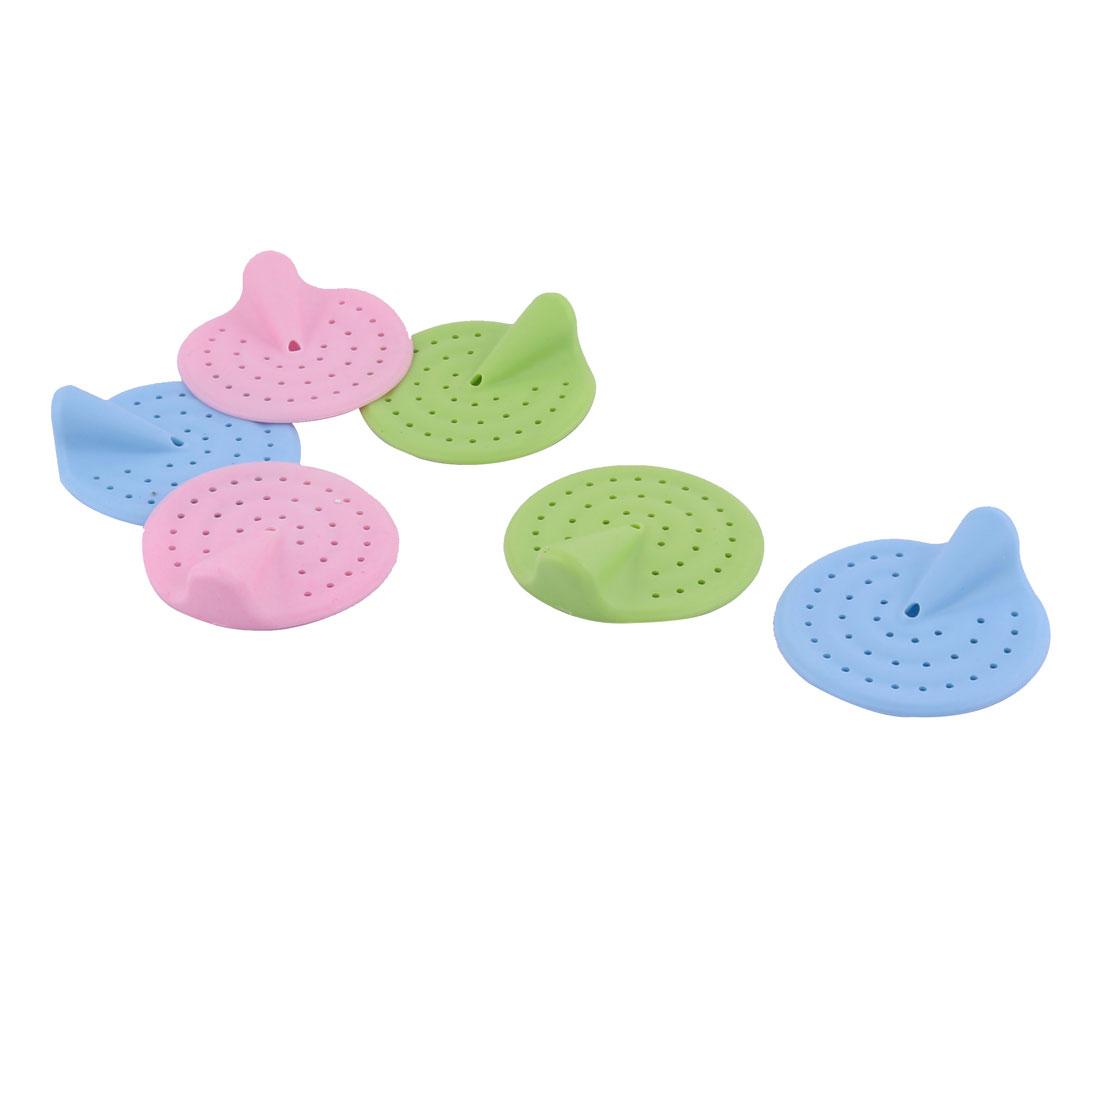 Bathroom Bathtub Rubber Sink Drain Holes Disposal Strainer Hair Stopper 6 Pcs